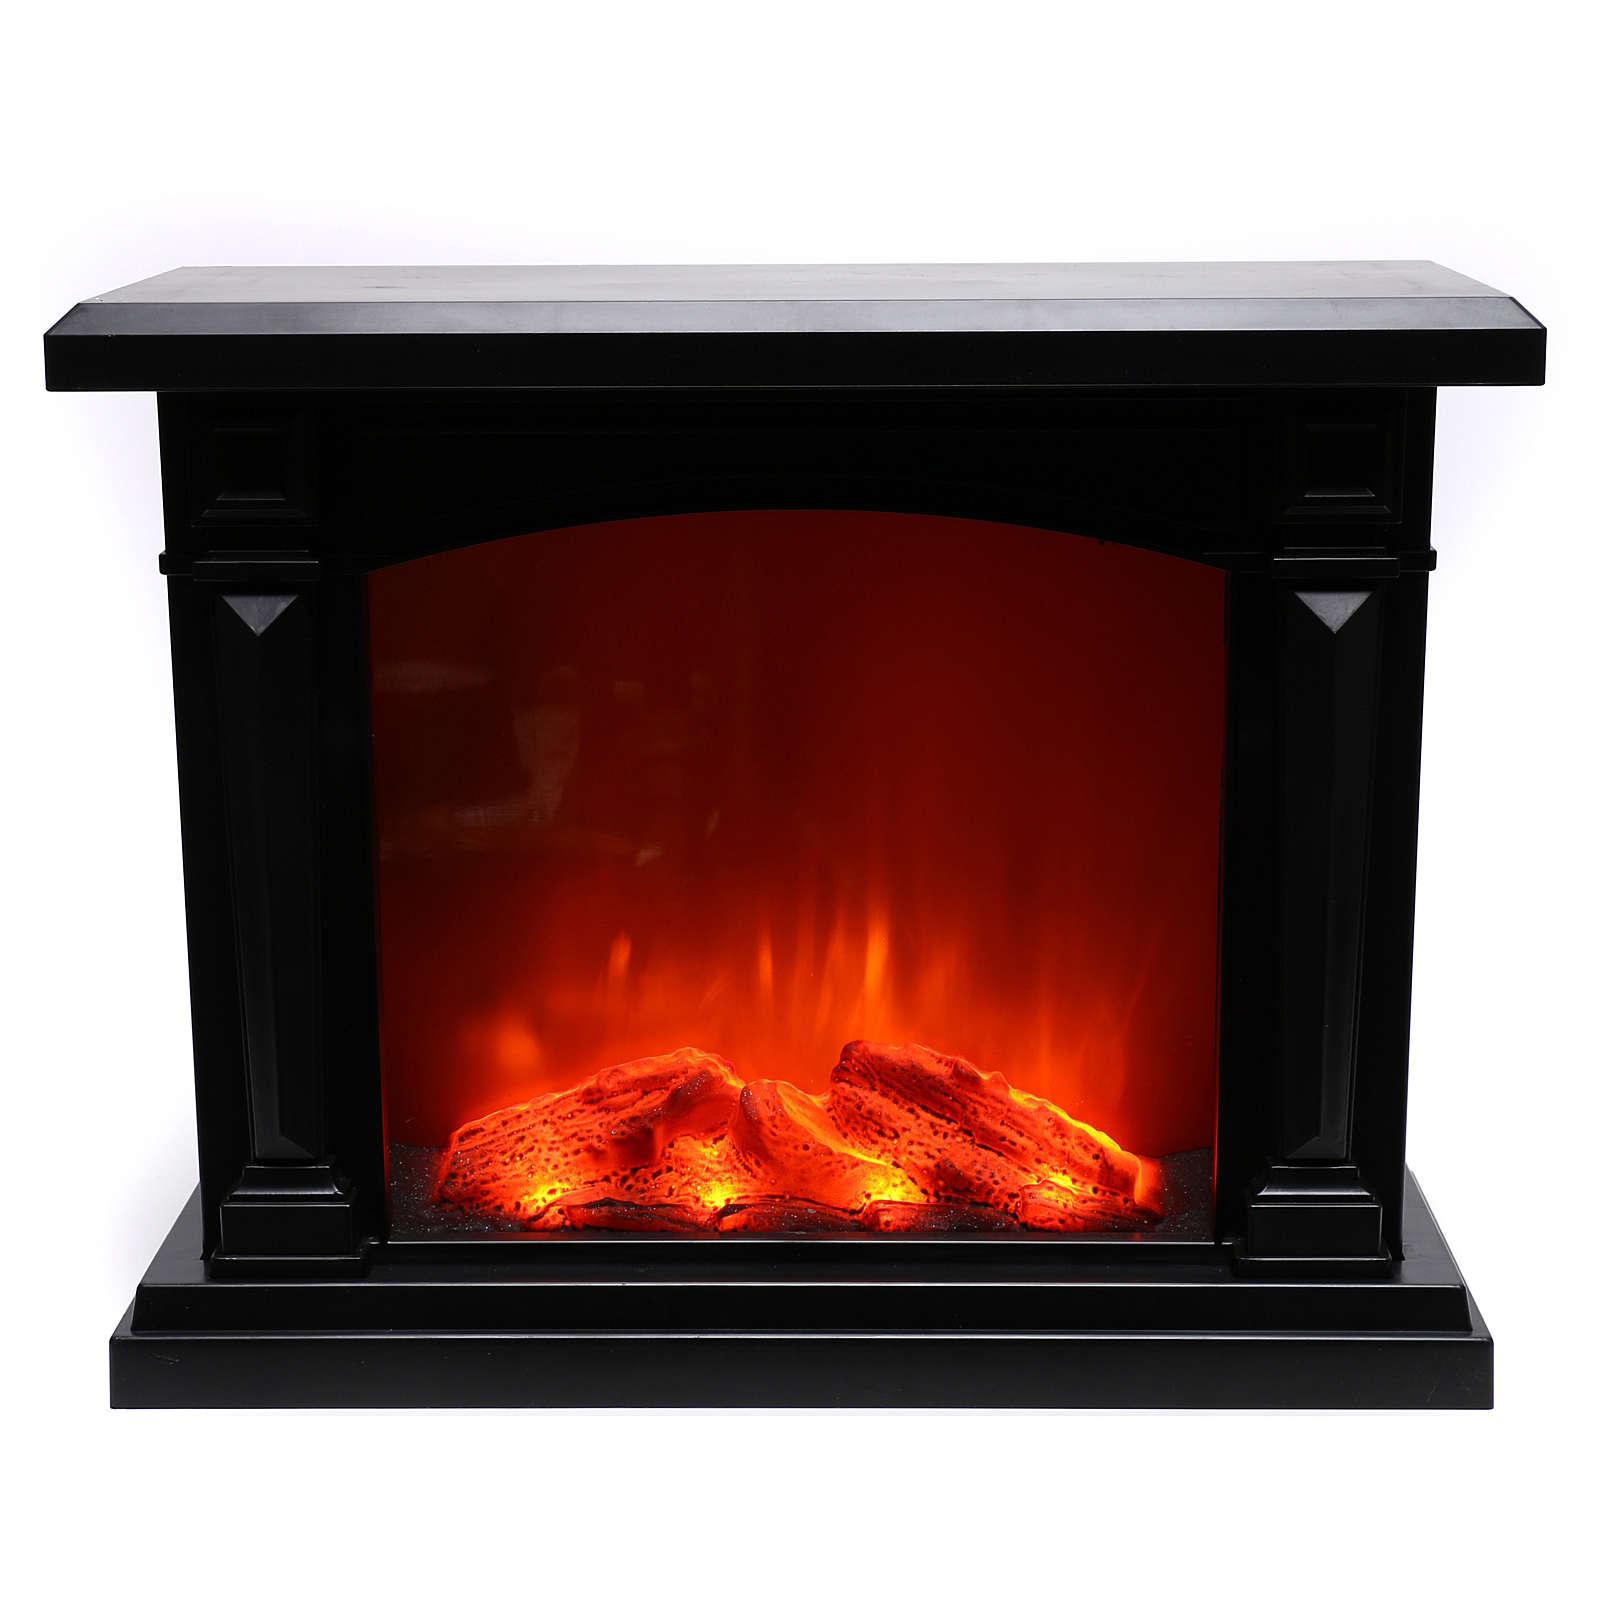 Caminetto nero led 35x40x15 cm effetto fiamma 3